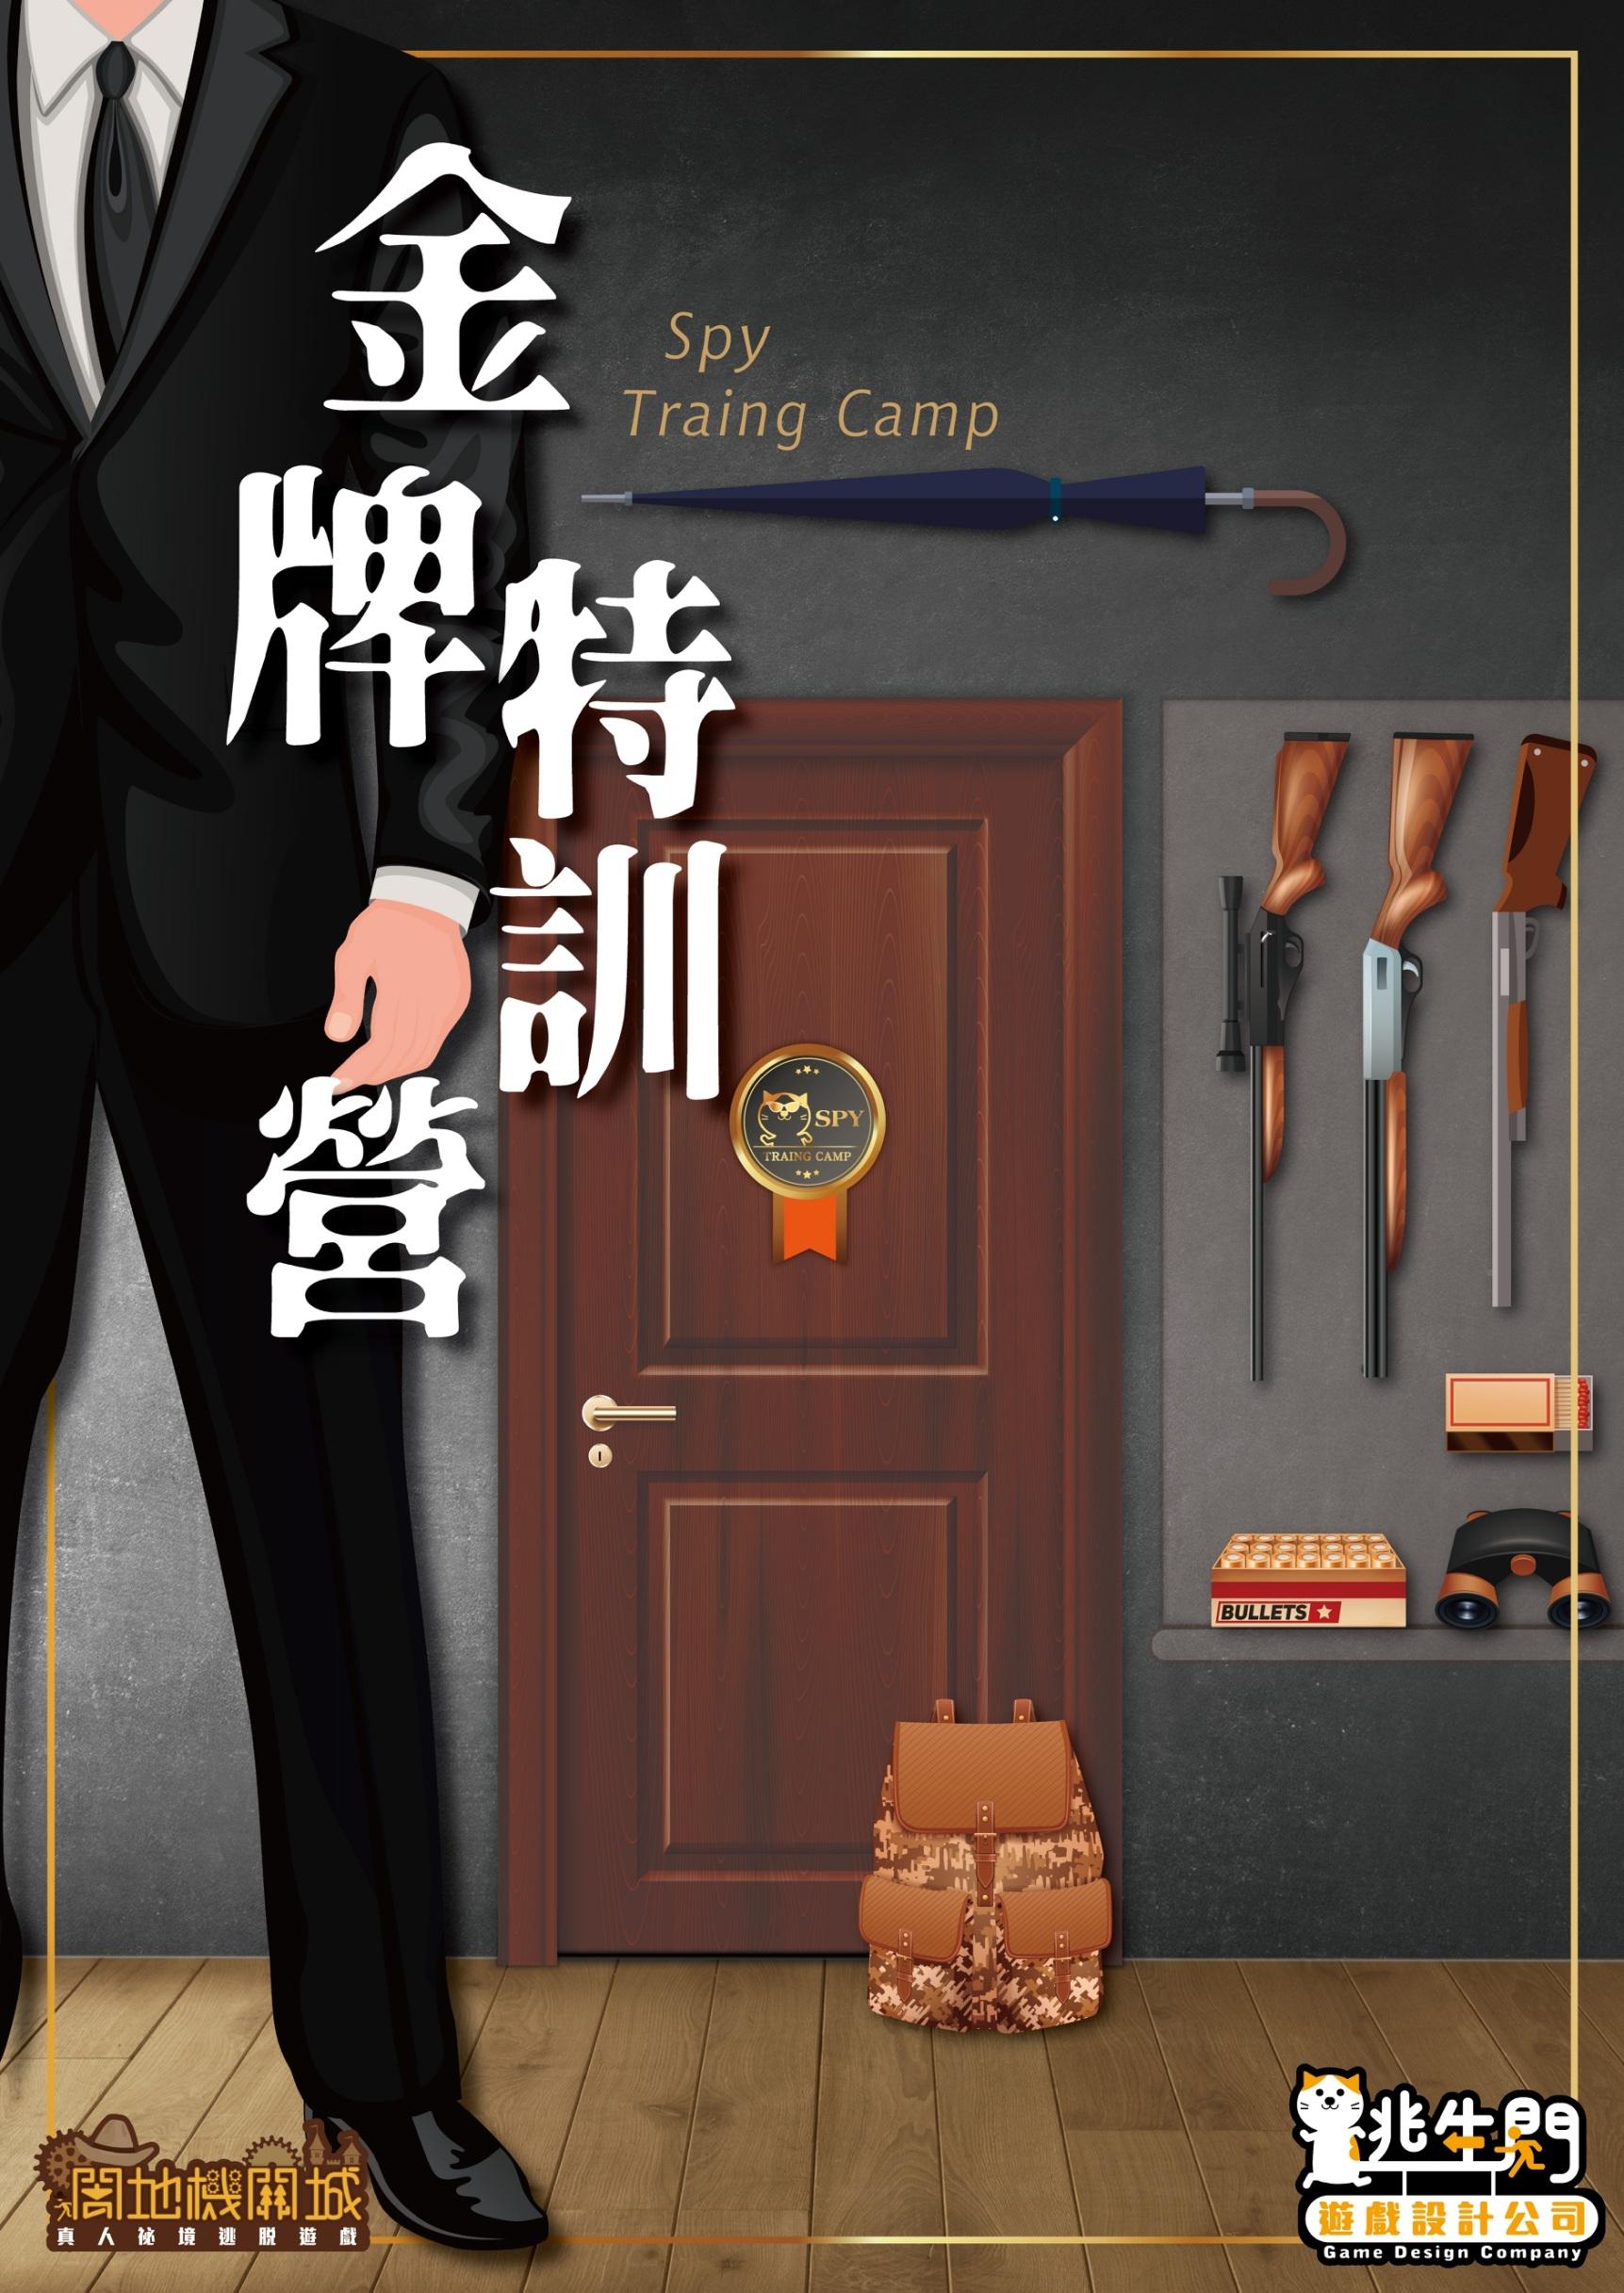 金牌特訓營 - 逃生門遊戲設計公司